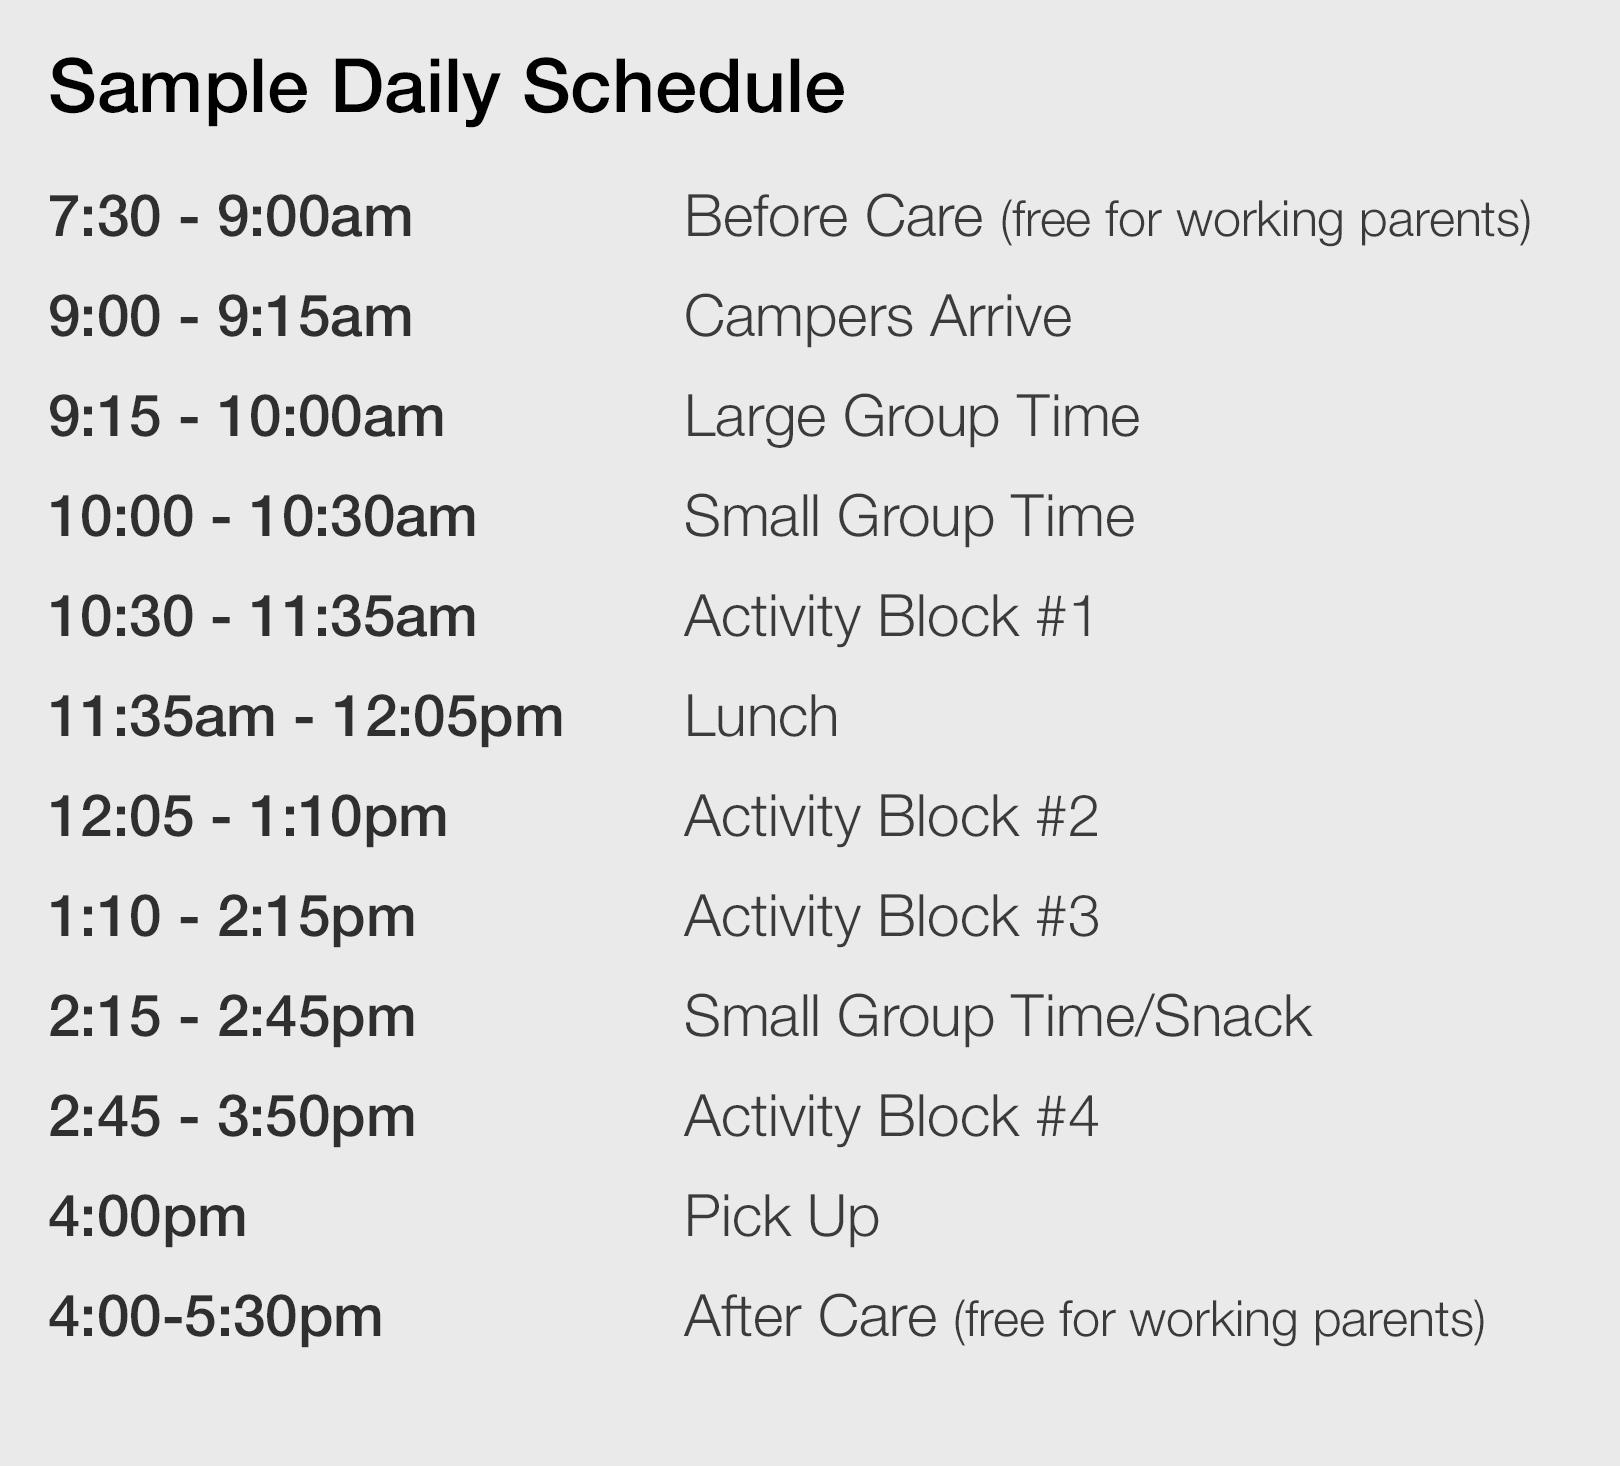 Daily_Schedule.jpg